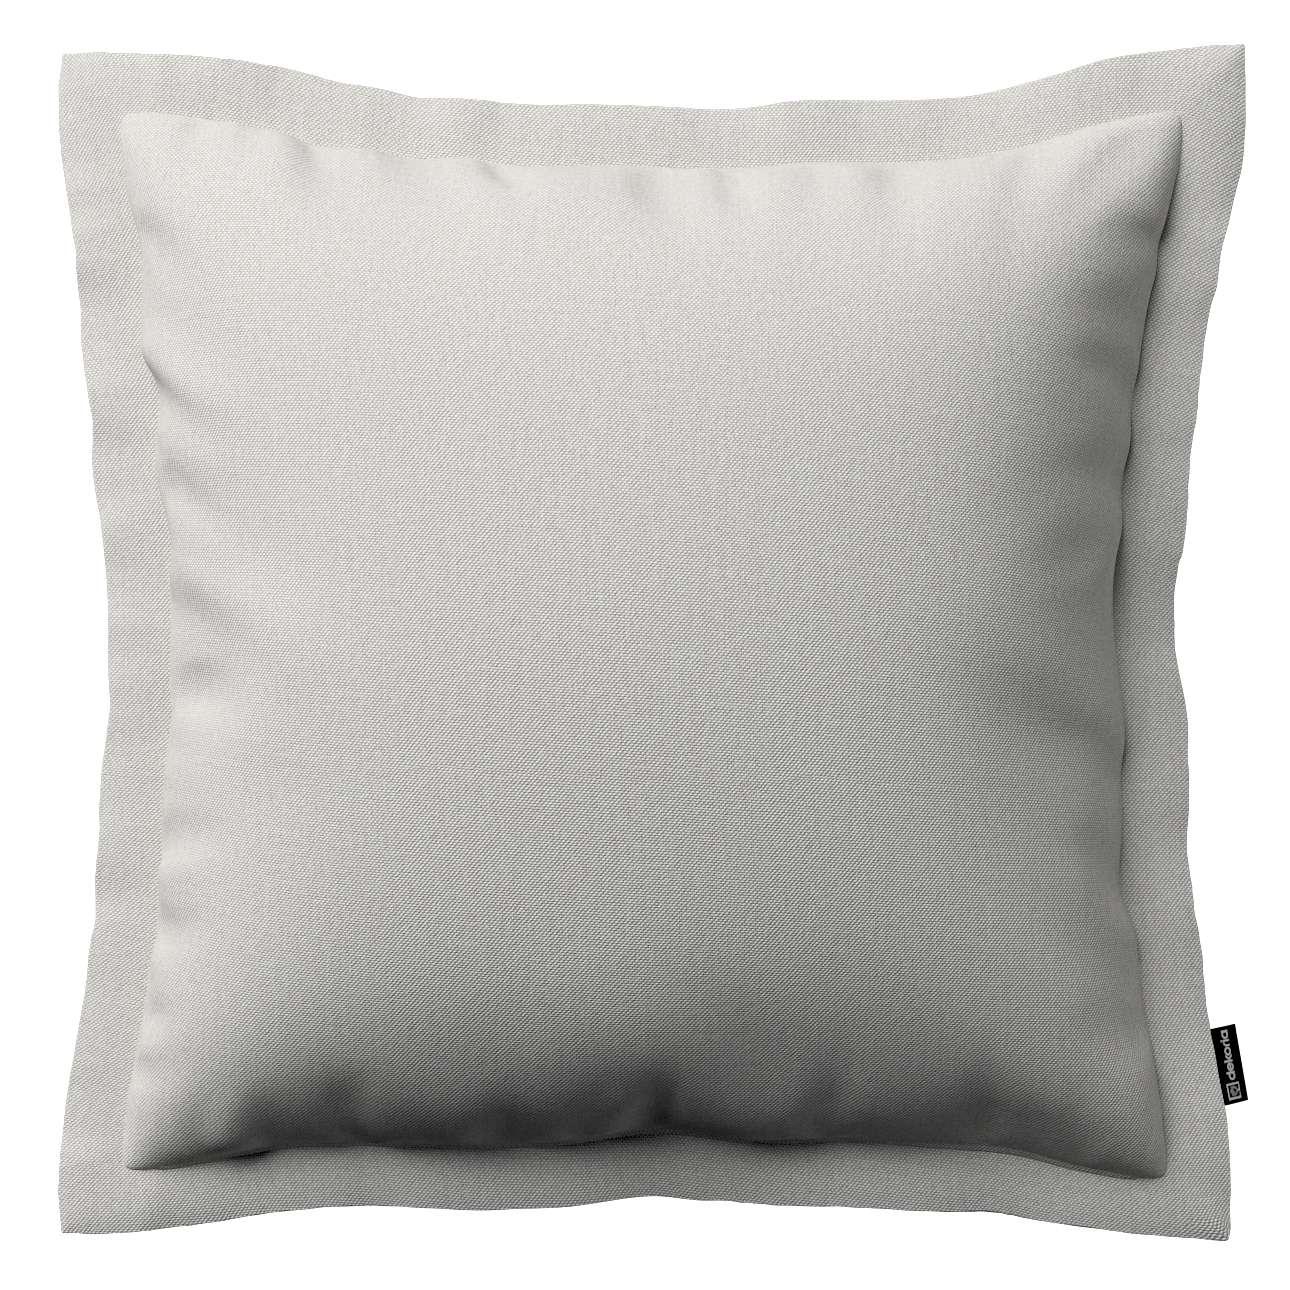 Mona dekoratyvinių pagalvėlių užvalkalas su sienele 45 x 45cm kolekcijoje Etna , audinys: 705-90